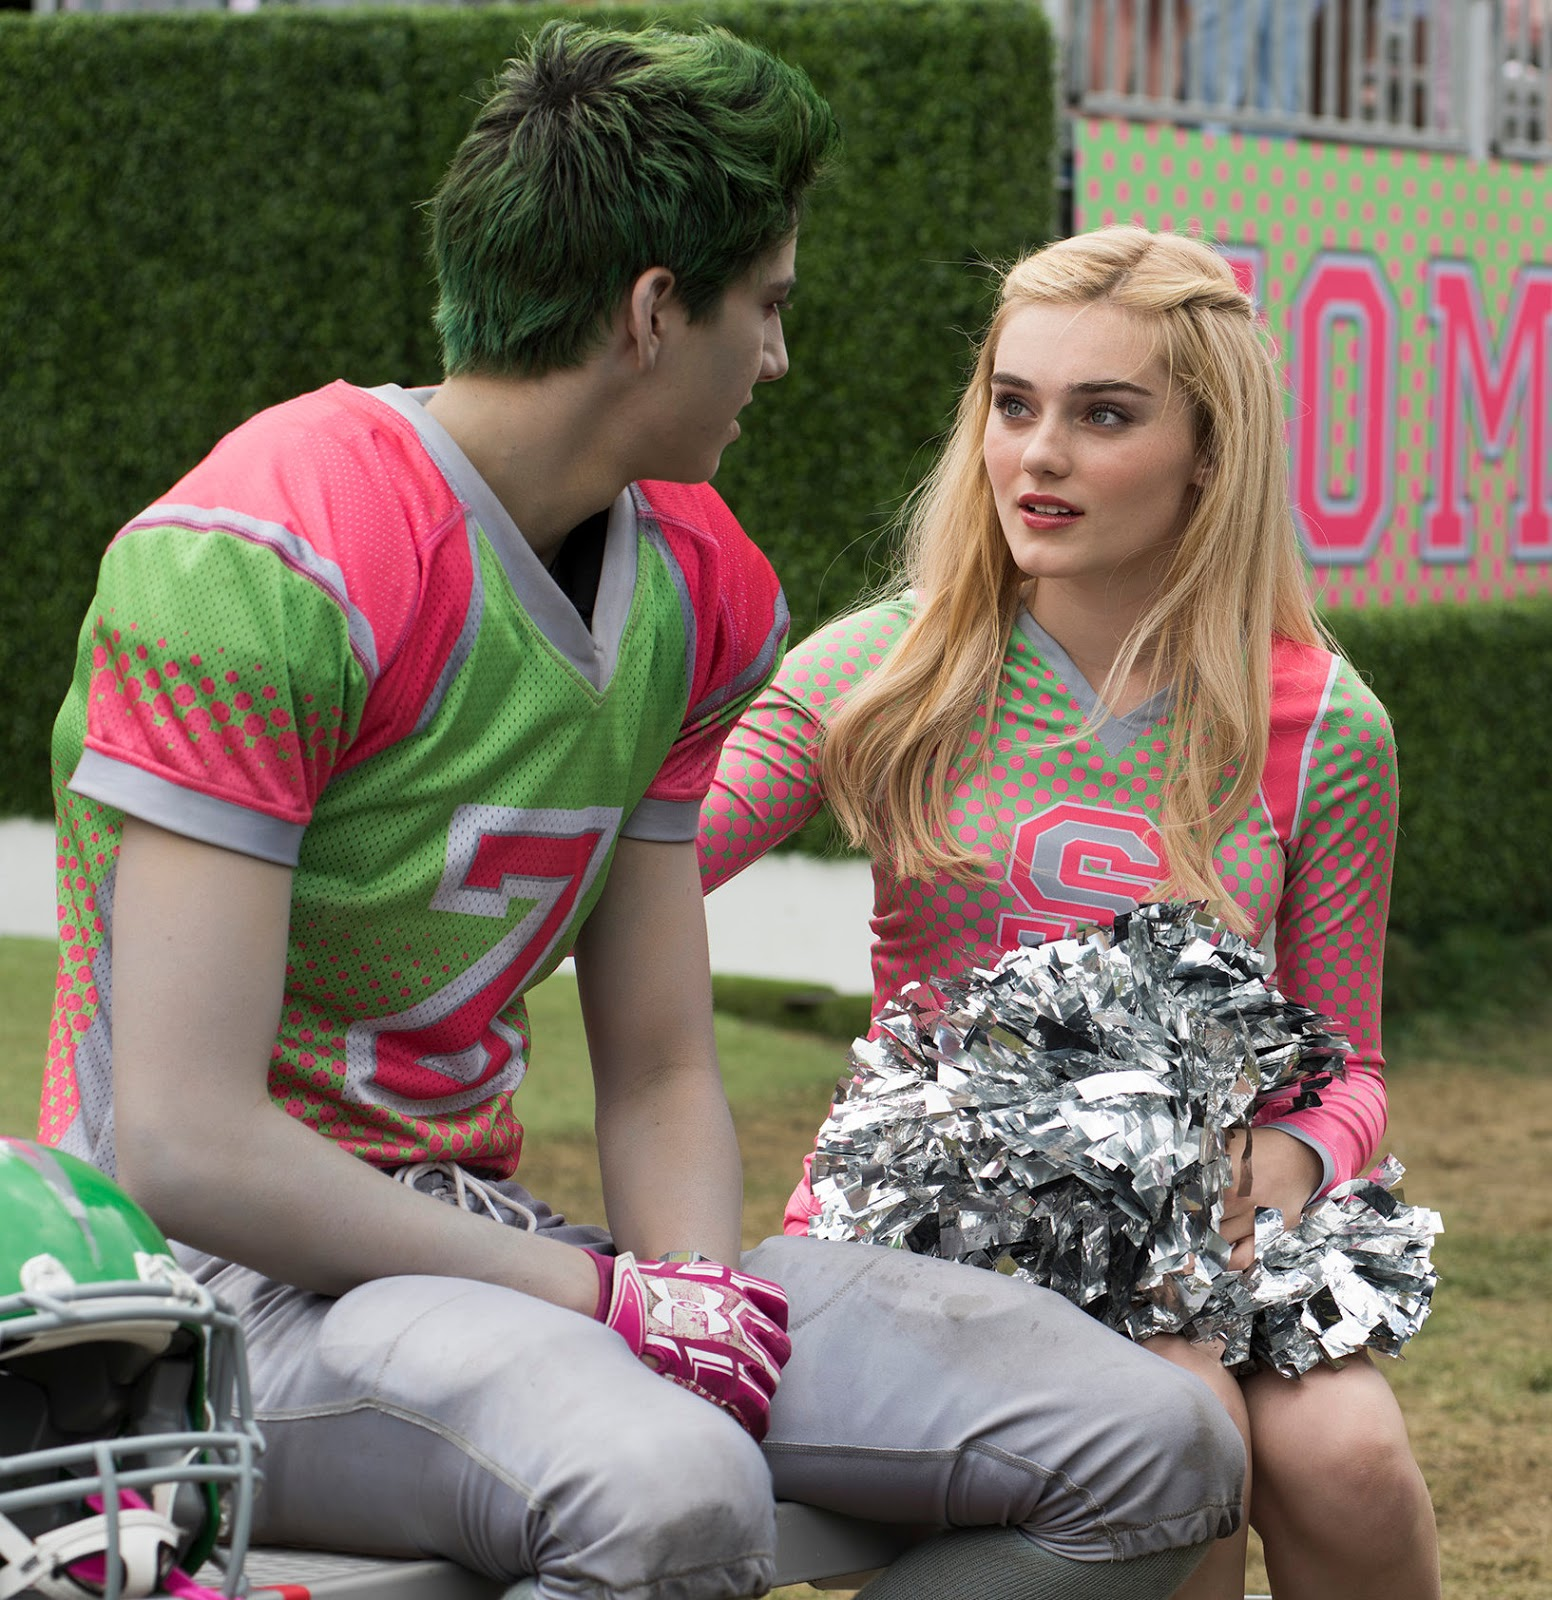 Ya está en marcha Zombies 2, una nueva película de Disney Channel que continúa la historia de Zombies